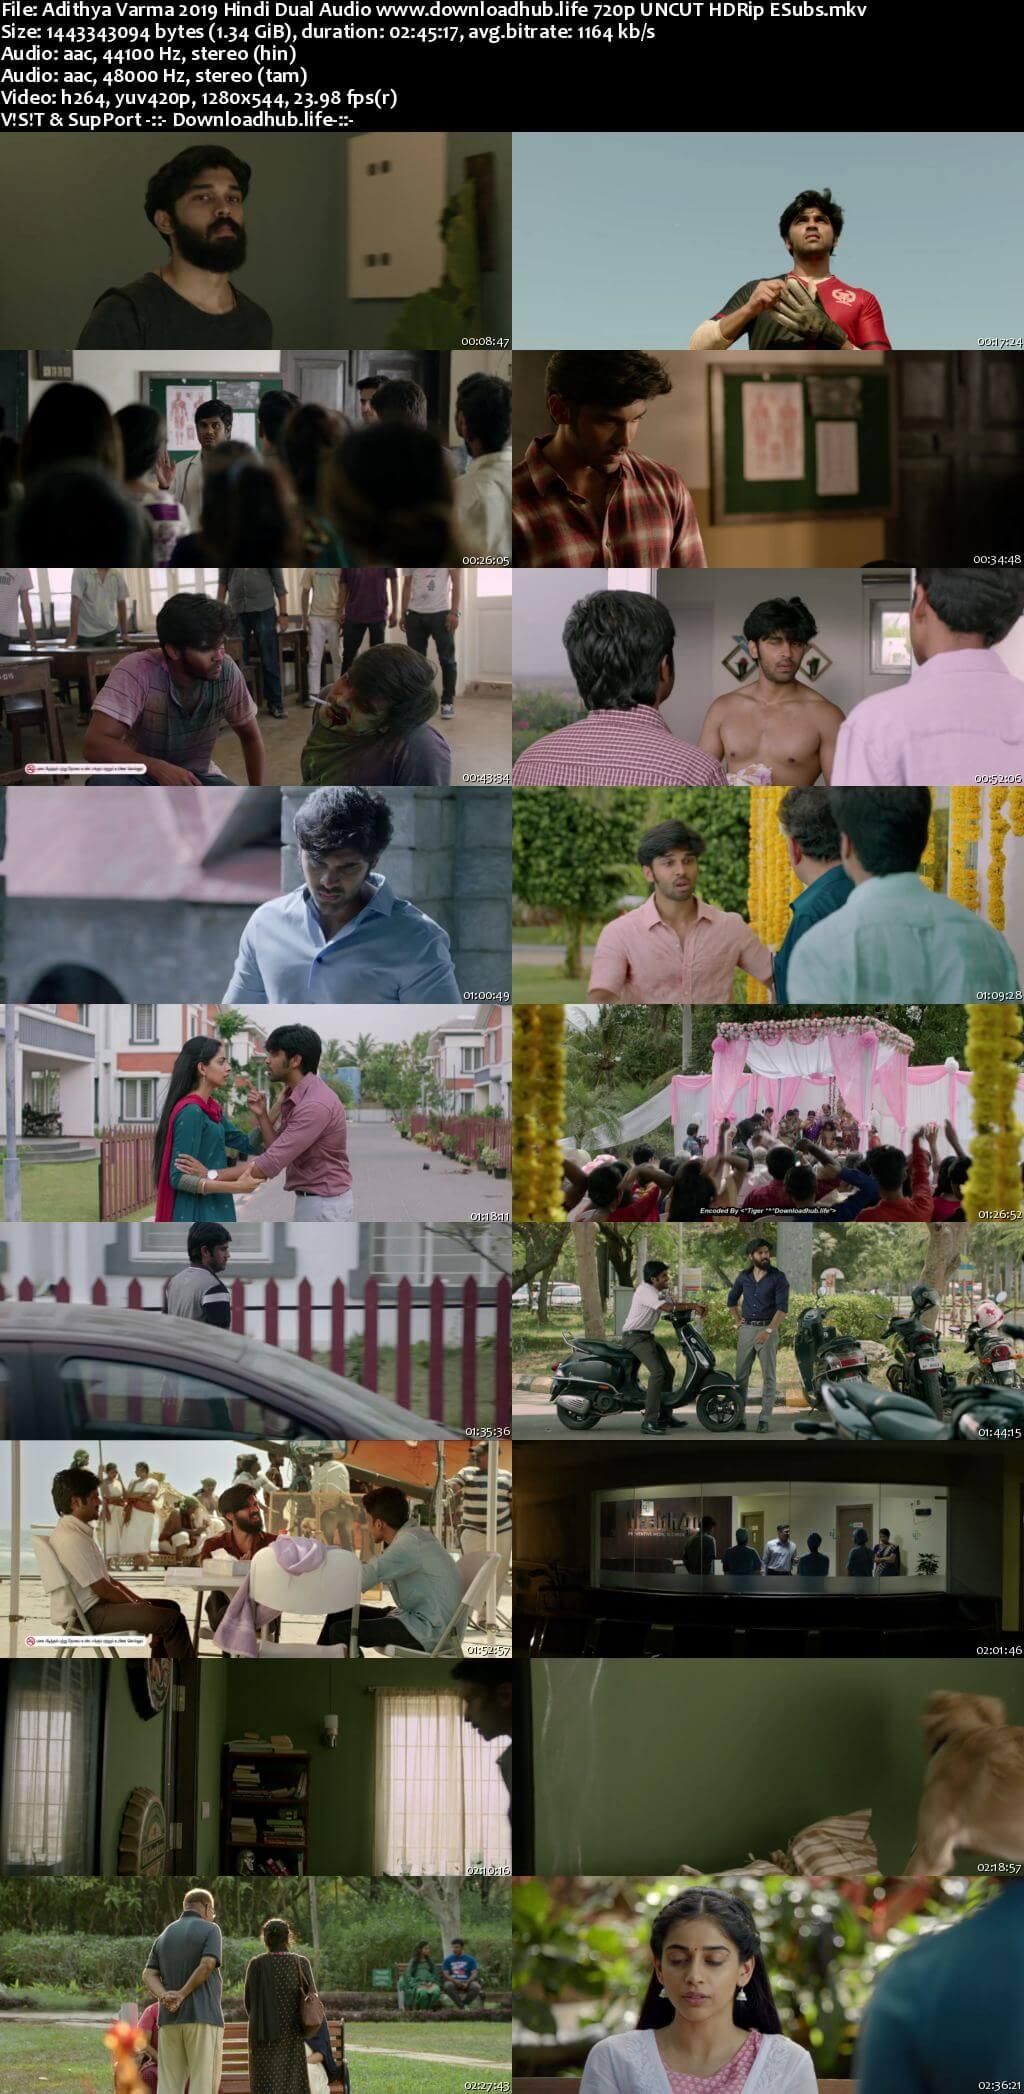 Adithya Varma 2019 Hindi Dual Audio 720p UNCUT HDRip ESubs